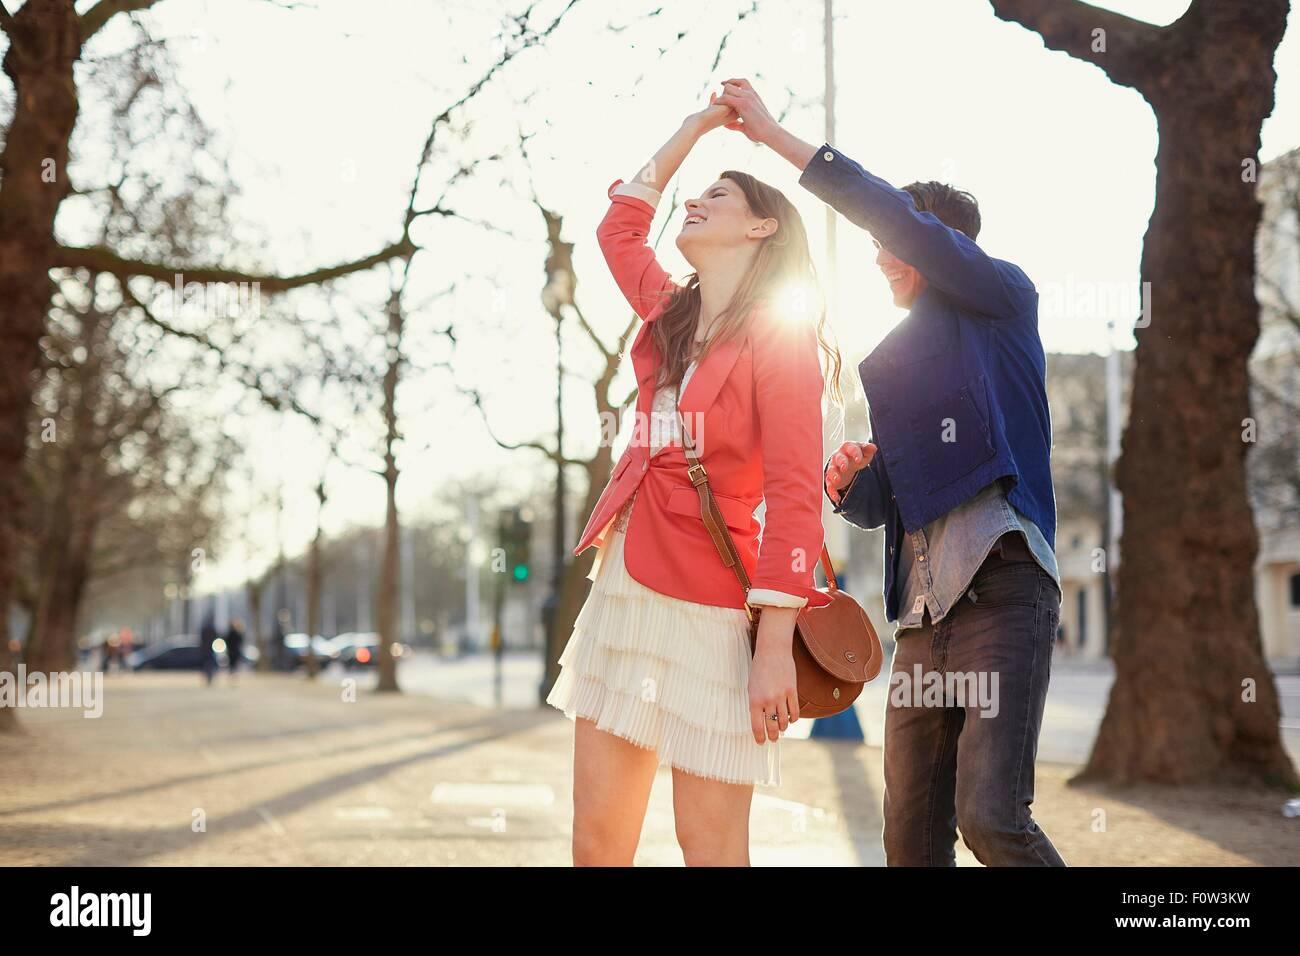 Romantisches Paar wirbelnd im sonnigen Park, London, UK Stockbild